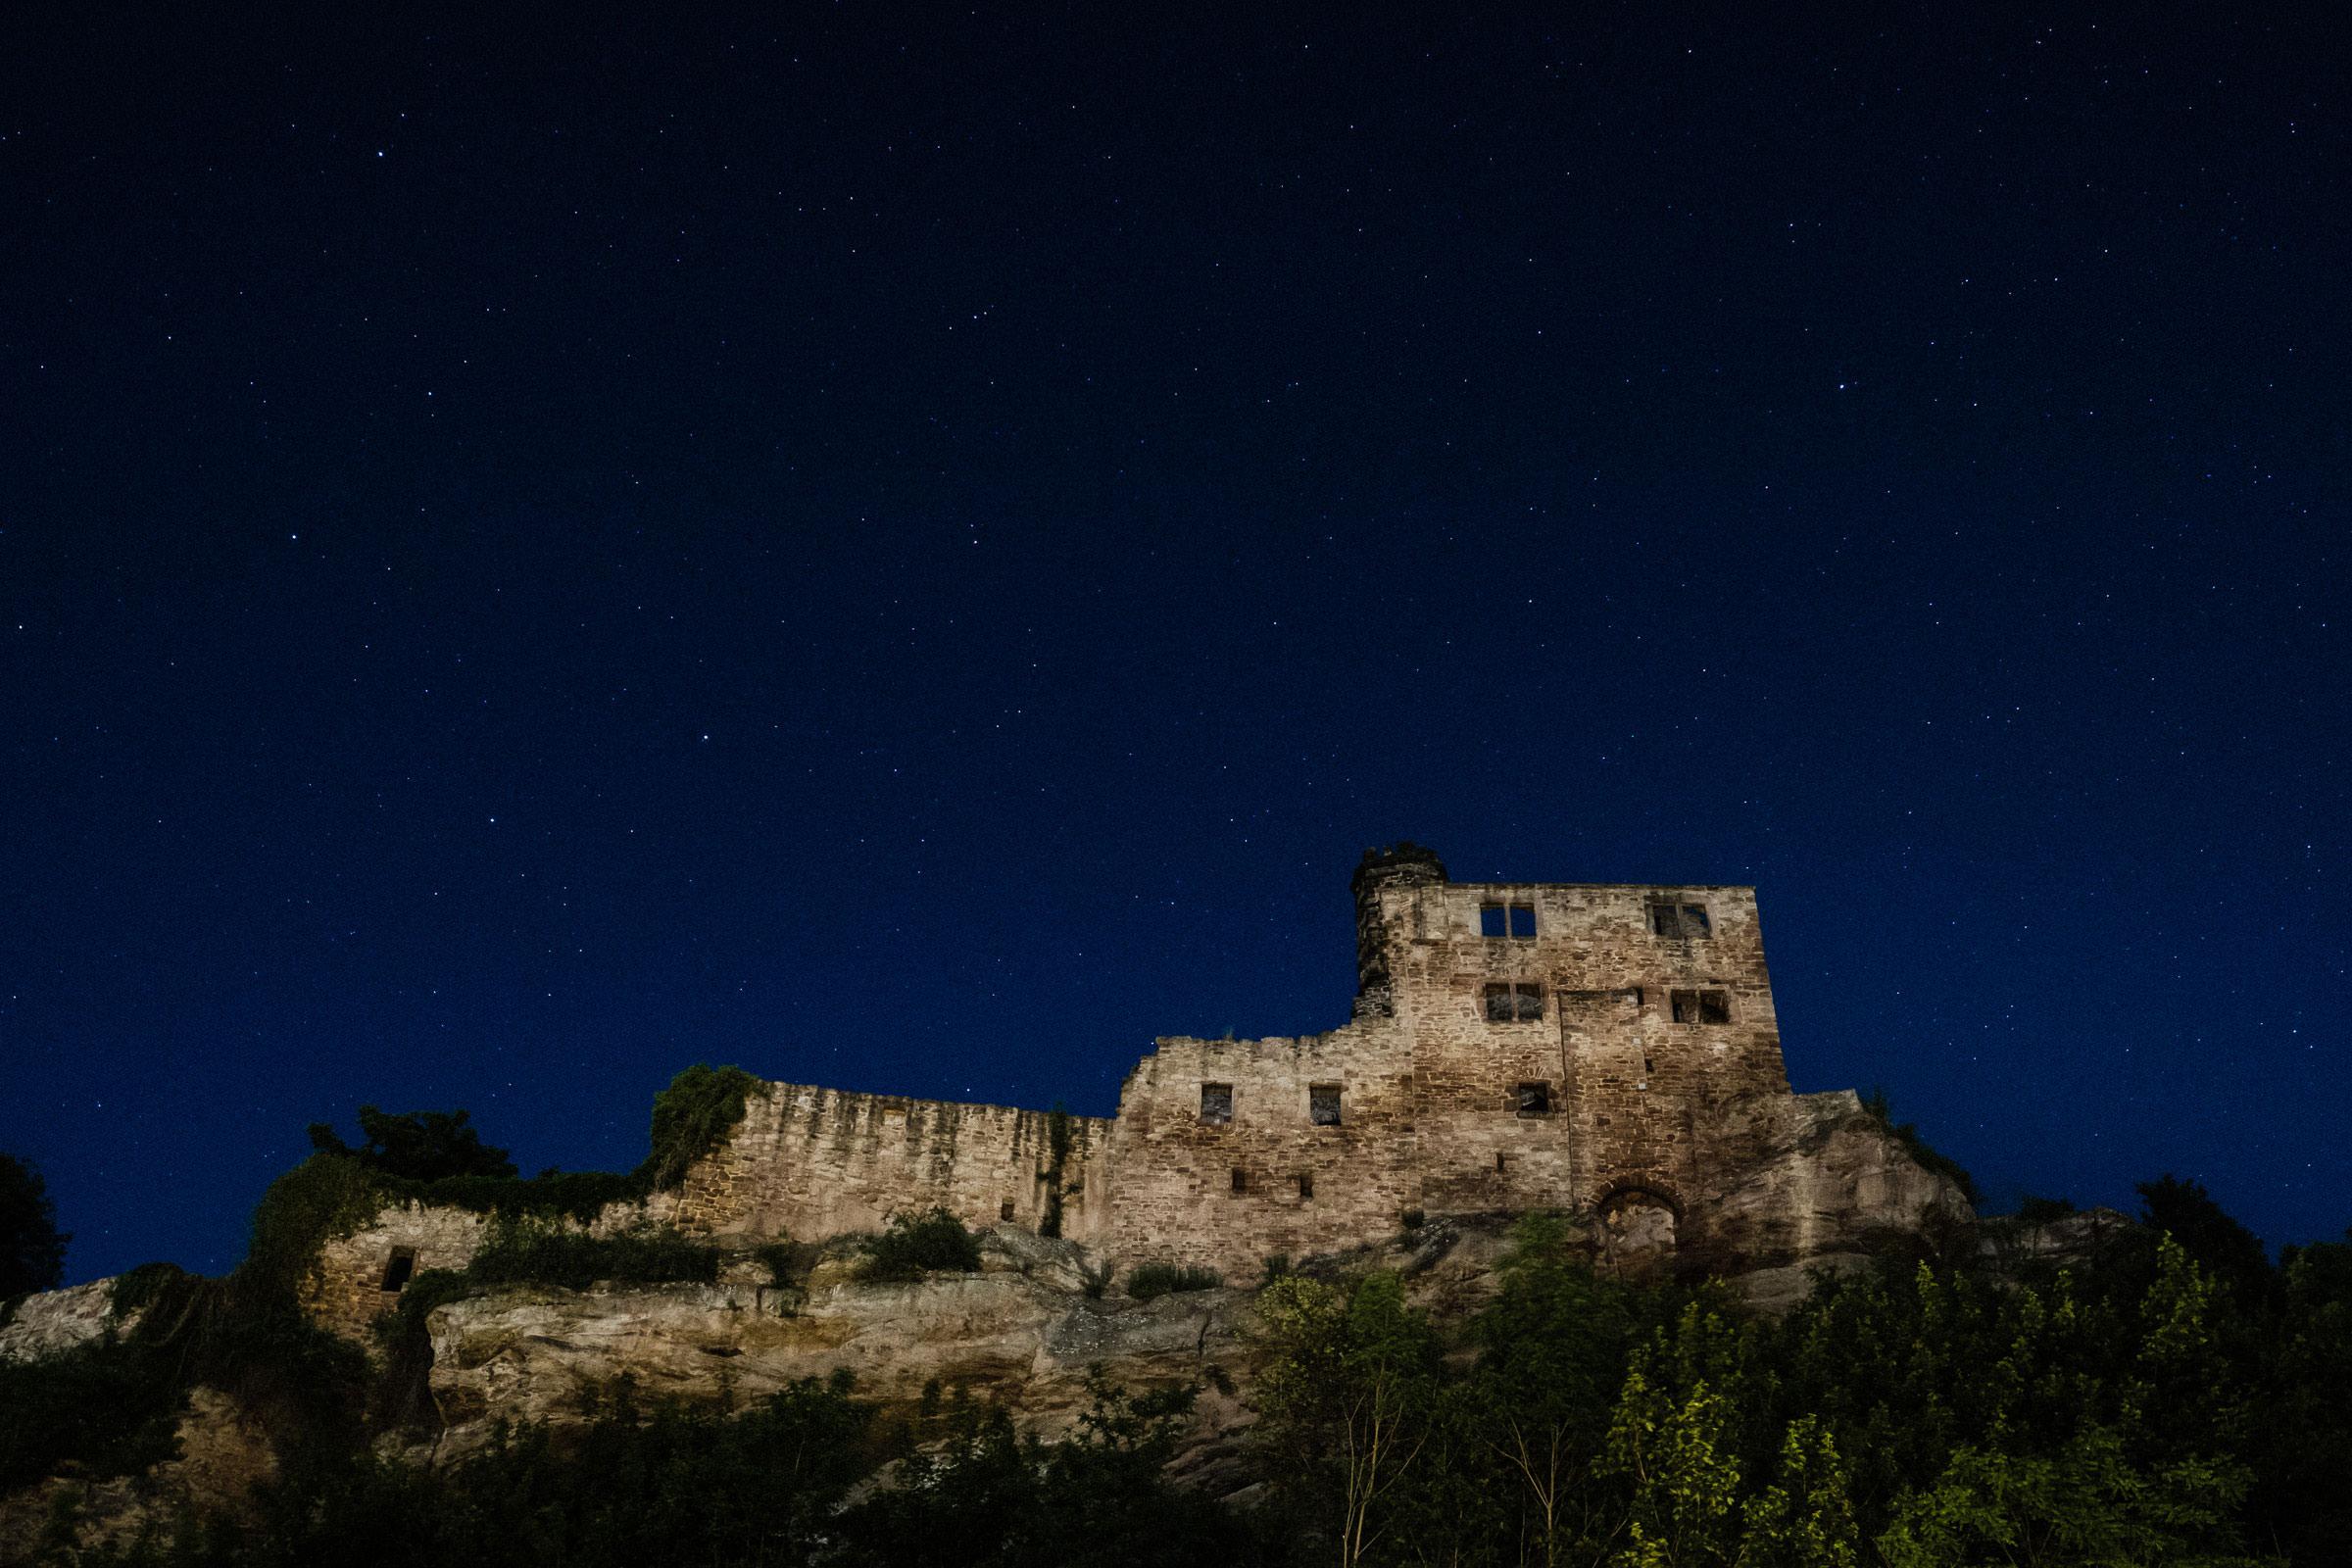 Burgruine Hardenberg bei Nacht